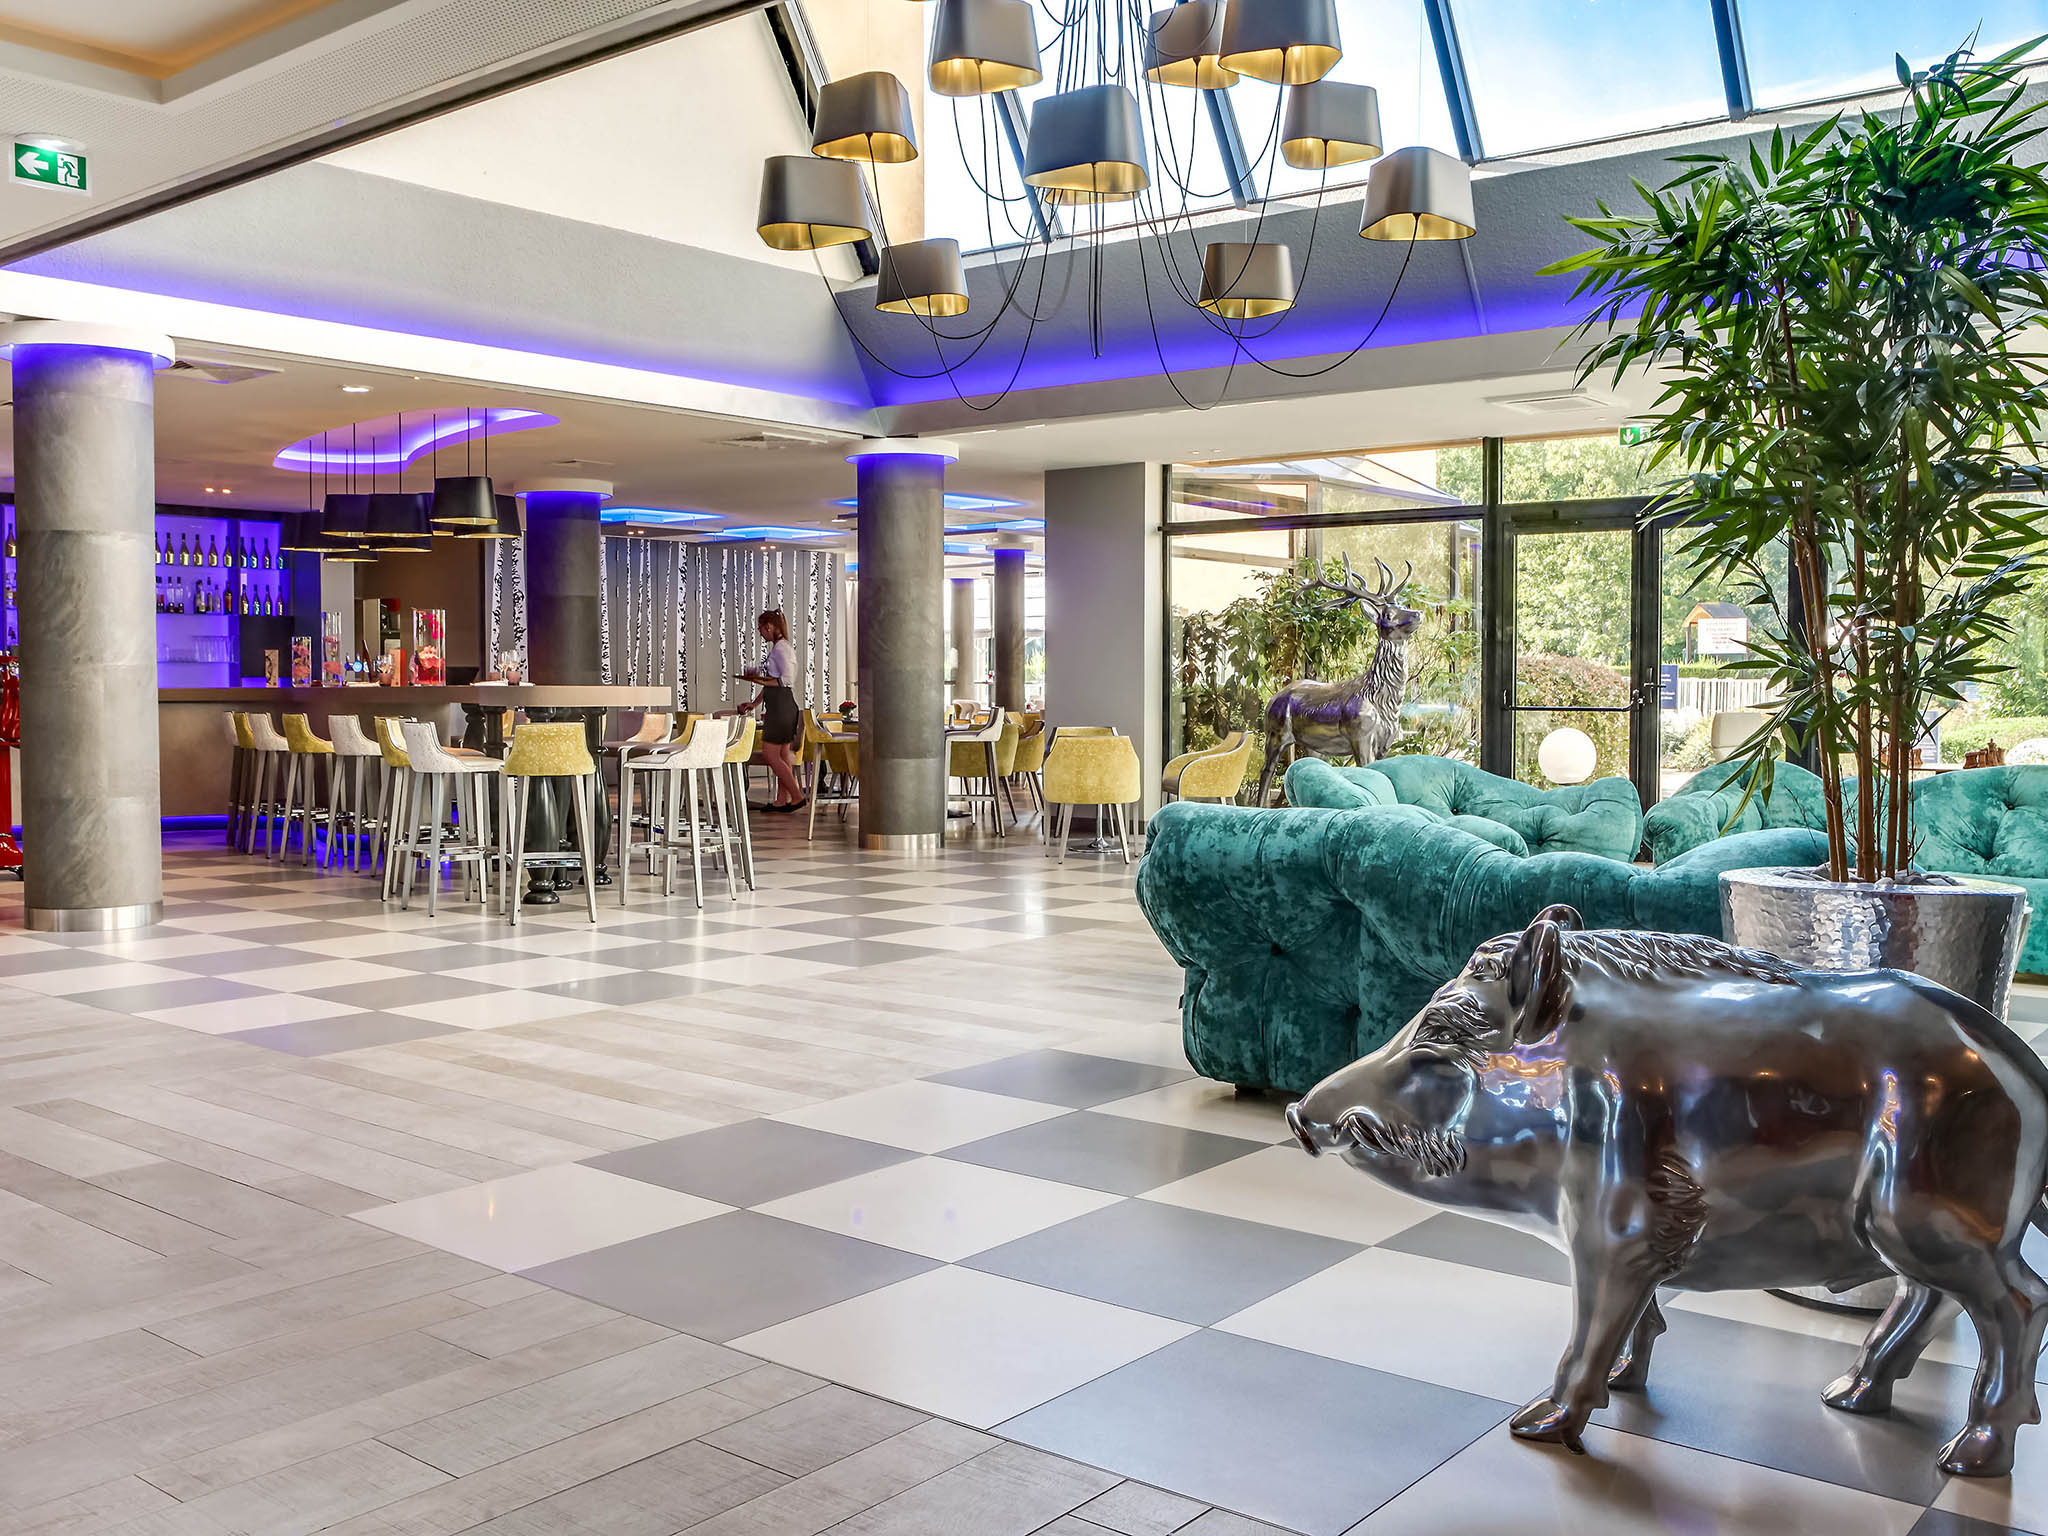 Hotel – Novotel Orléans St Jean de Braye